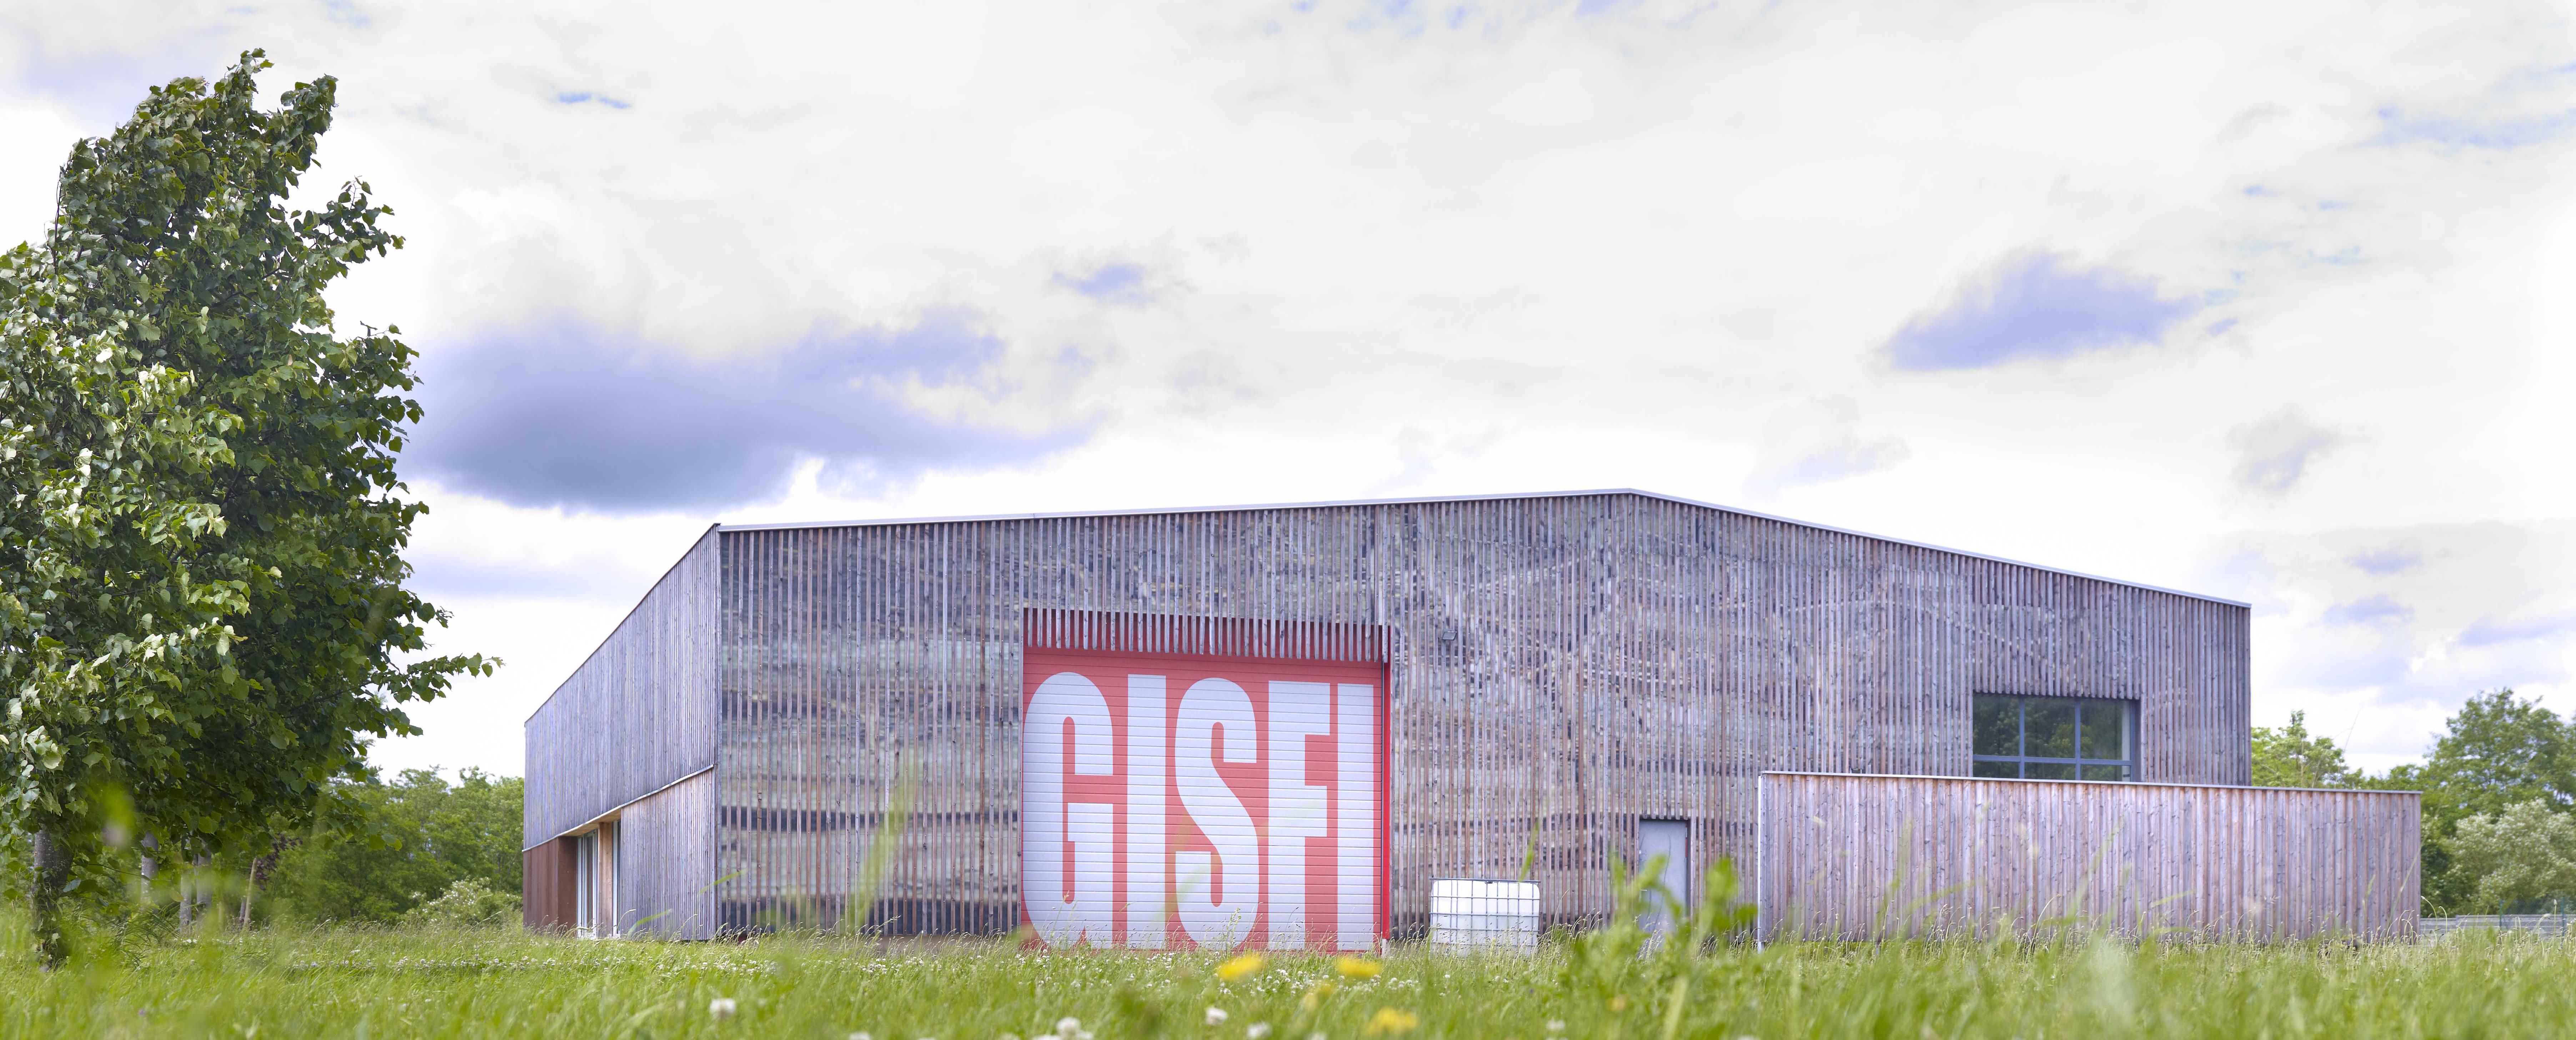 Station experimentale du GISFI _ Homécourt _ Meurthe et Moselle